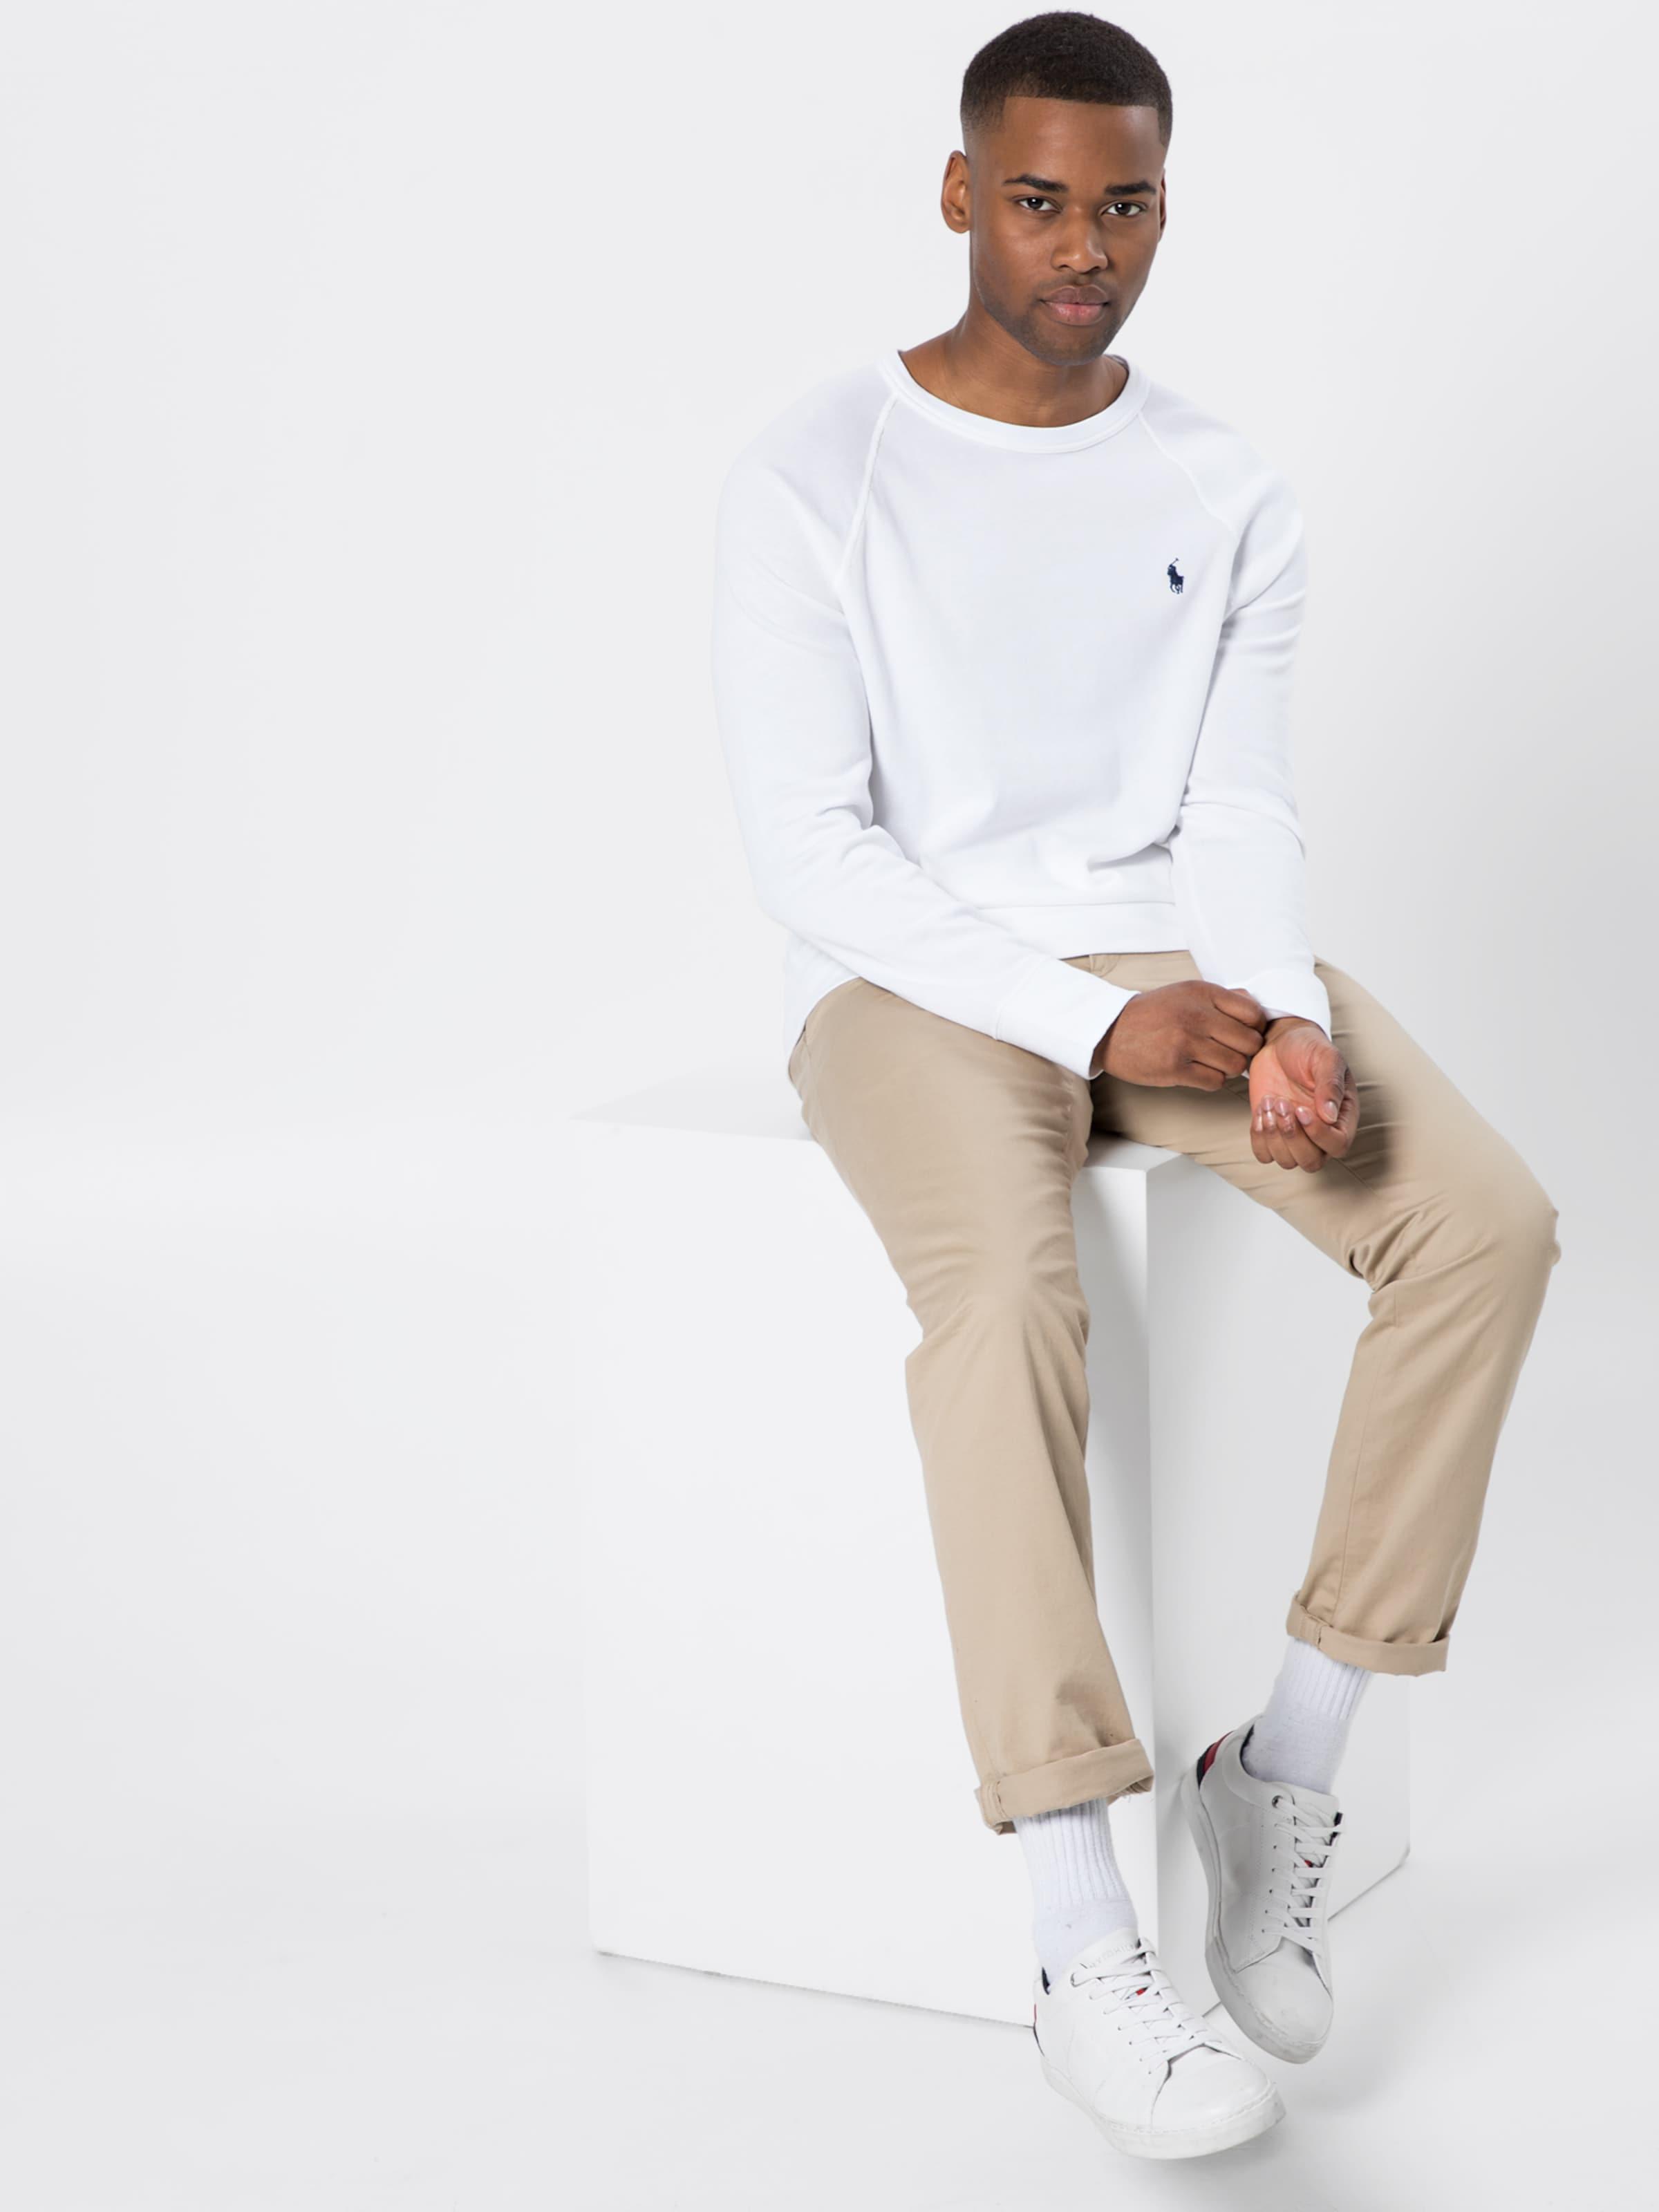 Polo Weiß knit long Lauren Sweatshirt 'lscnm1 Ralph K191sc12' In Sleeve hsrdtQ